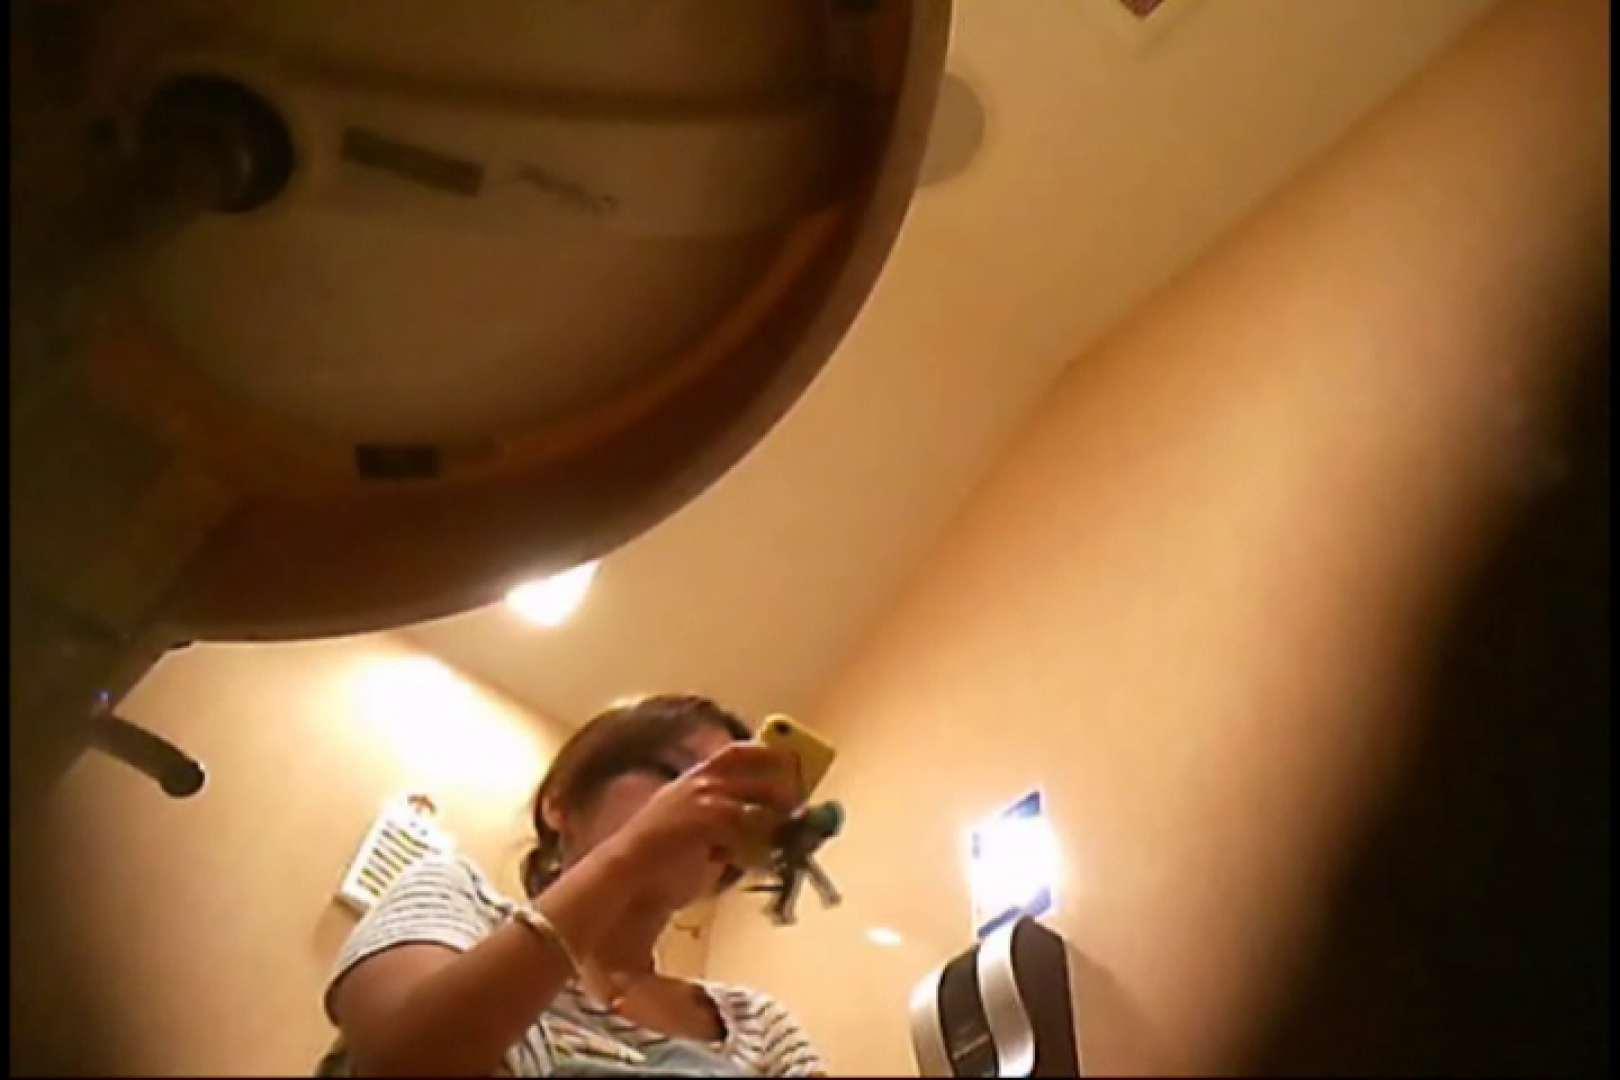 潜入!!女子化粧室盗撮~絶対見られたくない時間~vo,46 おっぱい おまんこ動画流出 105pic 46